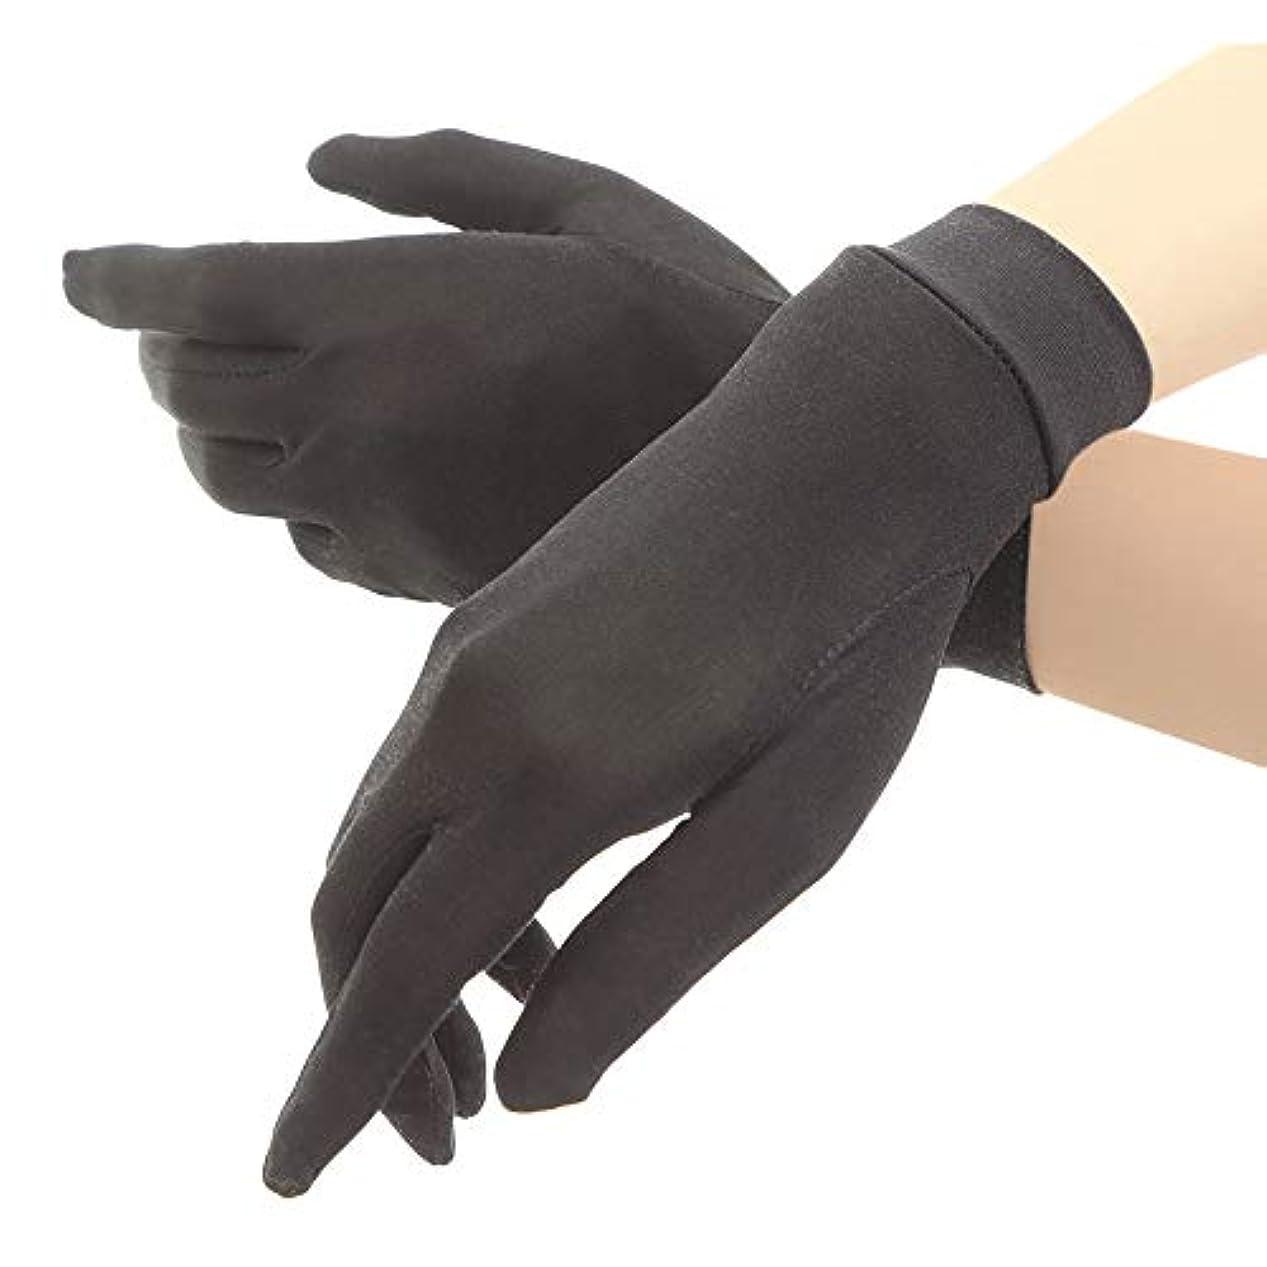 スペクトラムコロニー海峡ひもシルク手袋 レディース 手袋 シルク 絹 ハンド ケア 保湿 紫外線 肌荒れ 乾燥 サイズアップで手指にマッチ 【macch】